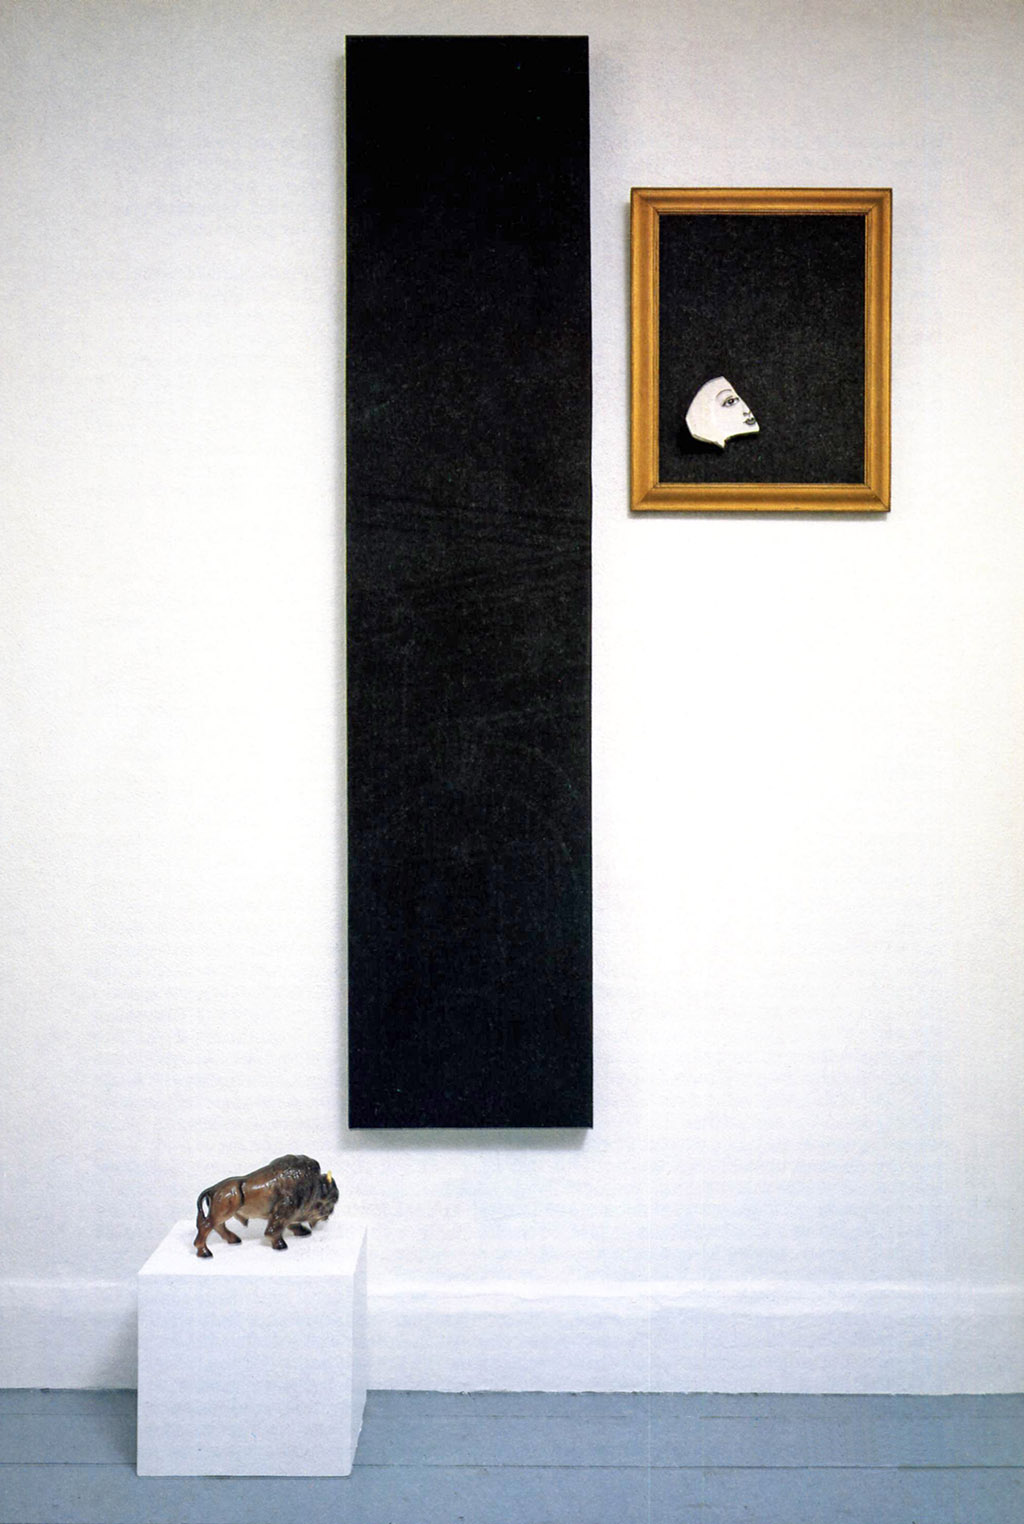 Art in Ruins. 'Domestic Arrangement' 1986